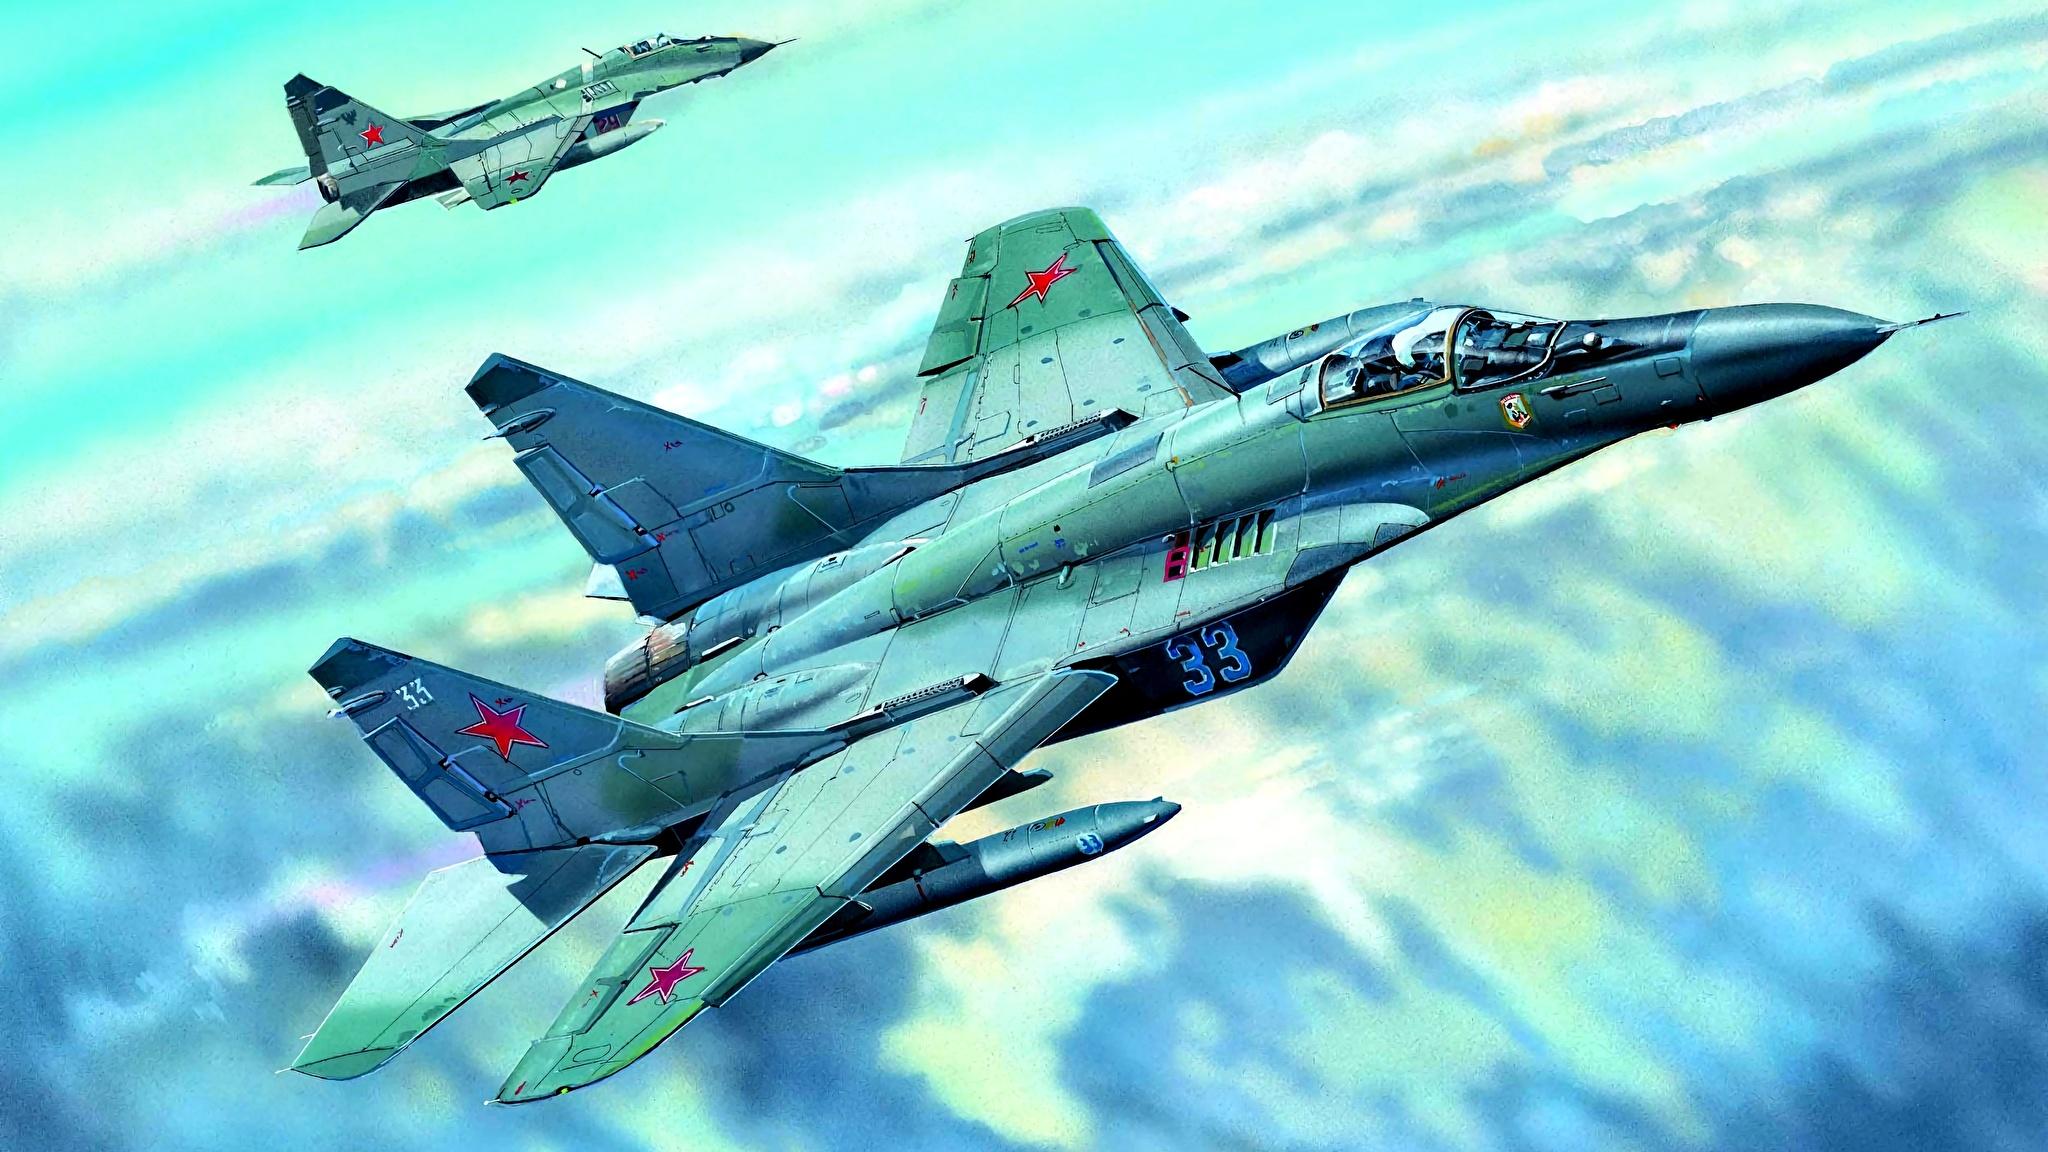 Fotos von Jagdflugzeug Mikojan-Gurewitsch MiG-29 Flugzeuge Russische Mig-29C Gezeichnet Luftfahrt 2048x1152